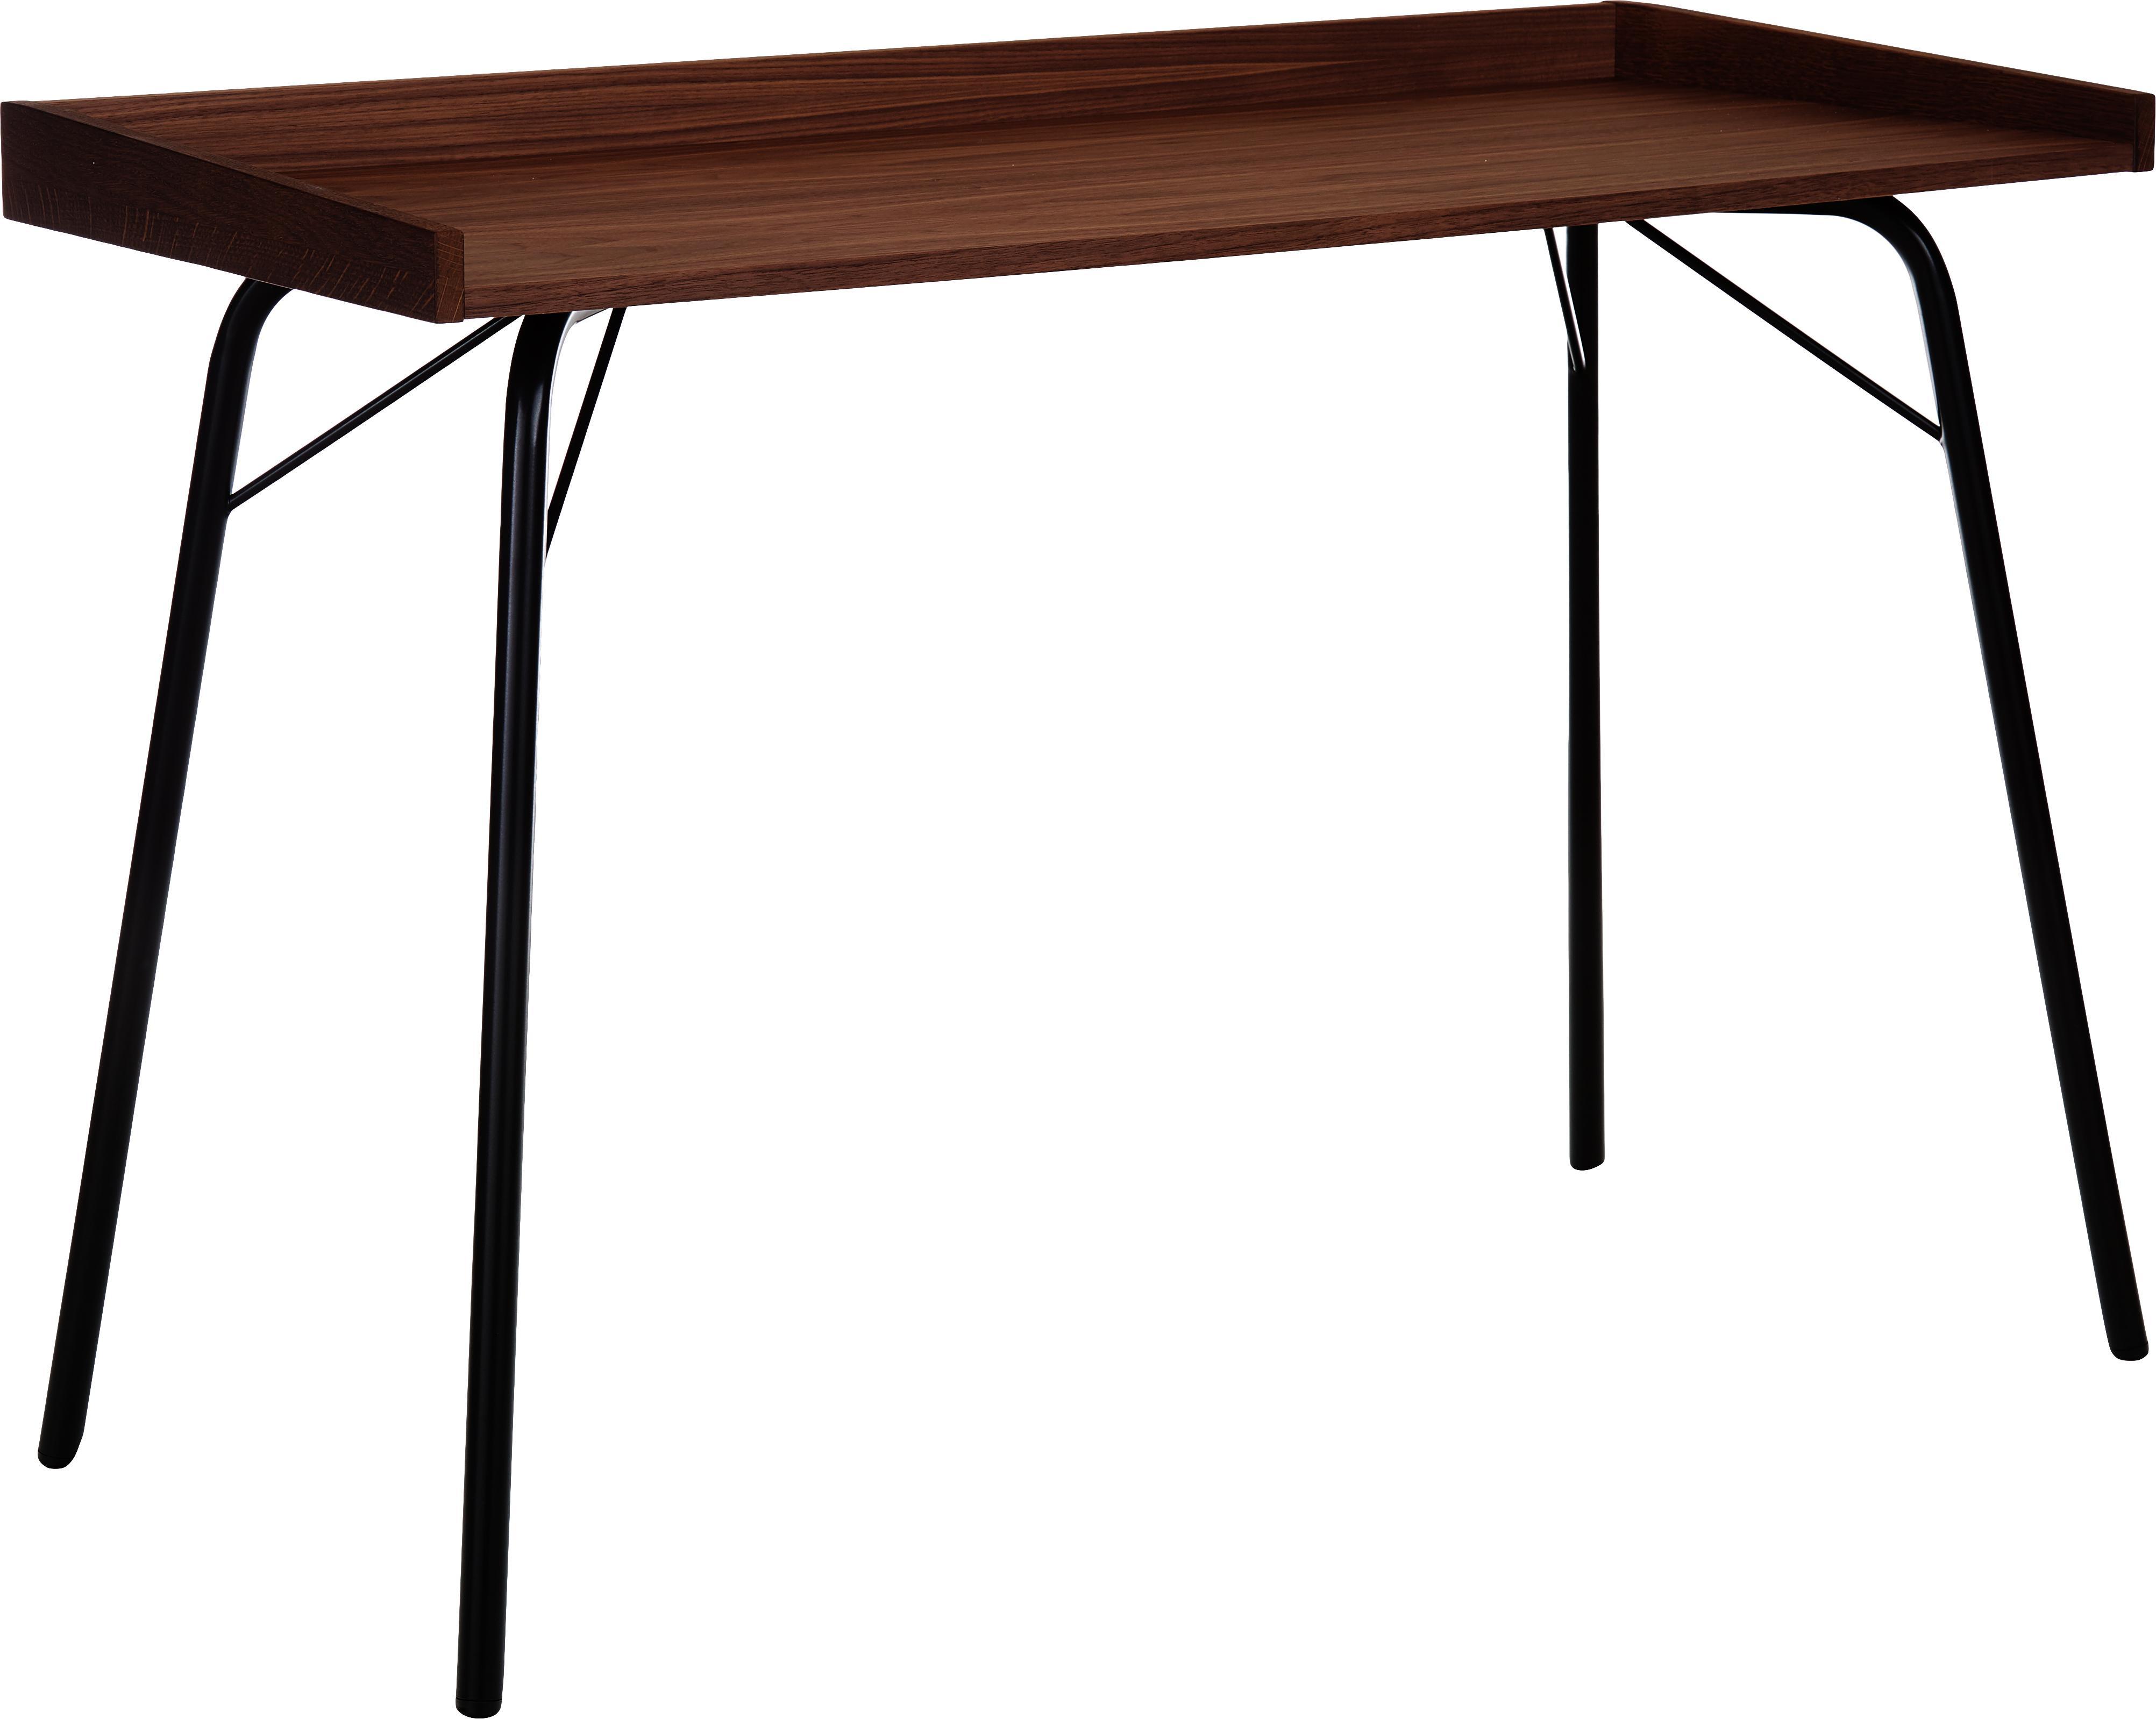 Escritorio en nogal Rayburn, Tablero: tablero de fibras de dens, Estructura: metal, recubierto en polv, Nogal, negro, An 115 x Al 78 cm